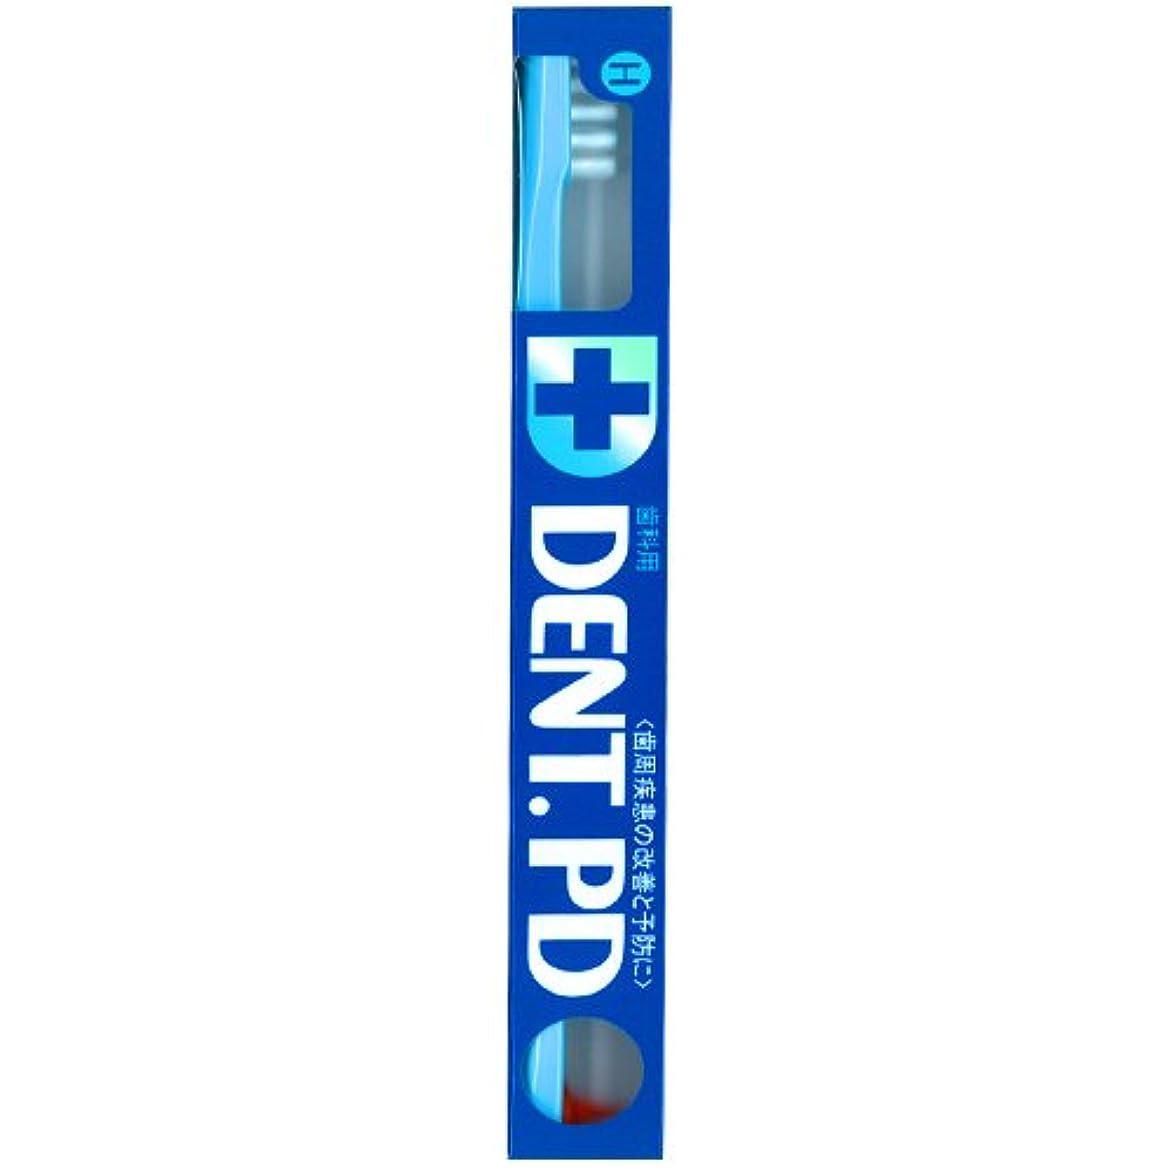 フィドルダウンタウン提案するライオン DENT.PD歯ブラシ 1本 H (ブルー)